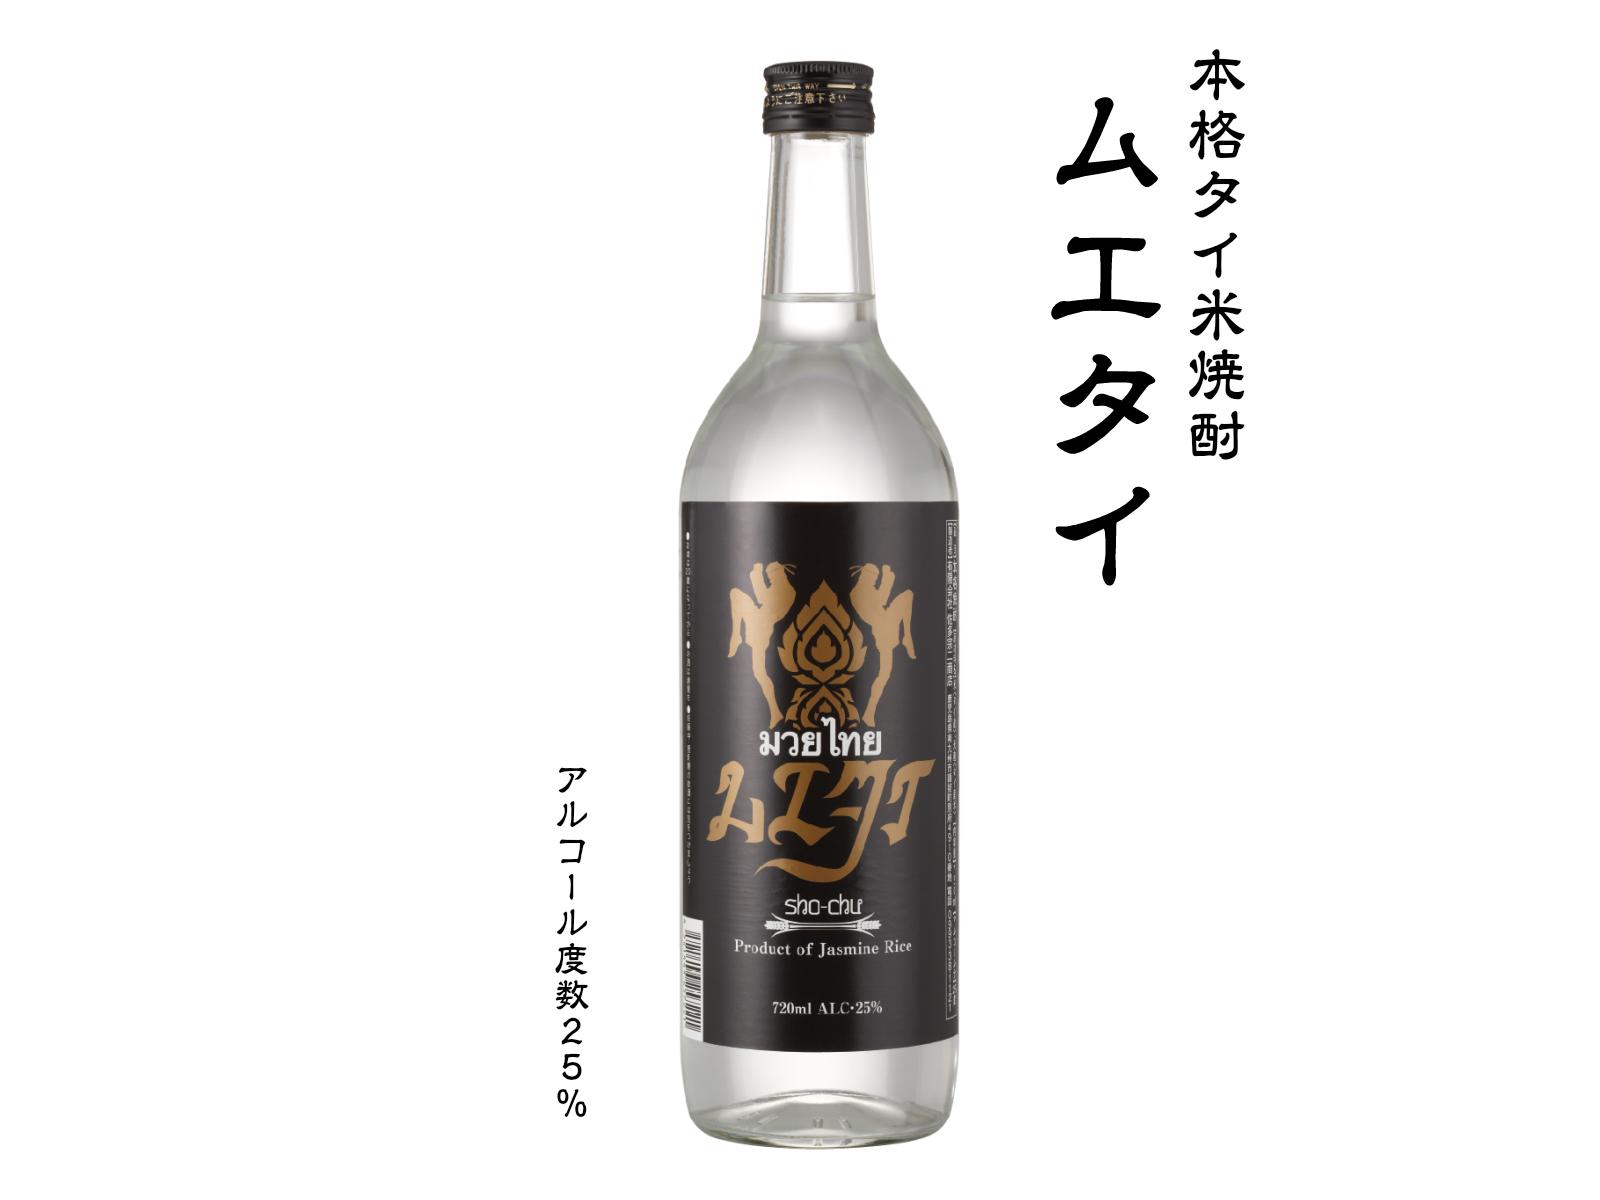 本格タイ米焼酎 ムエタイ 720ml